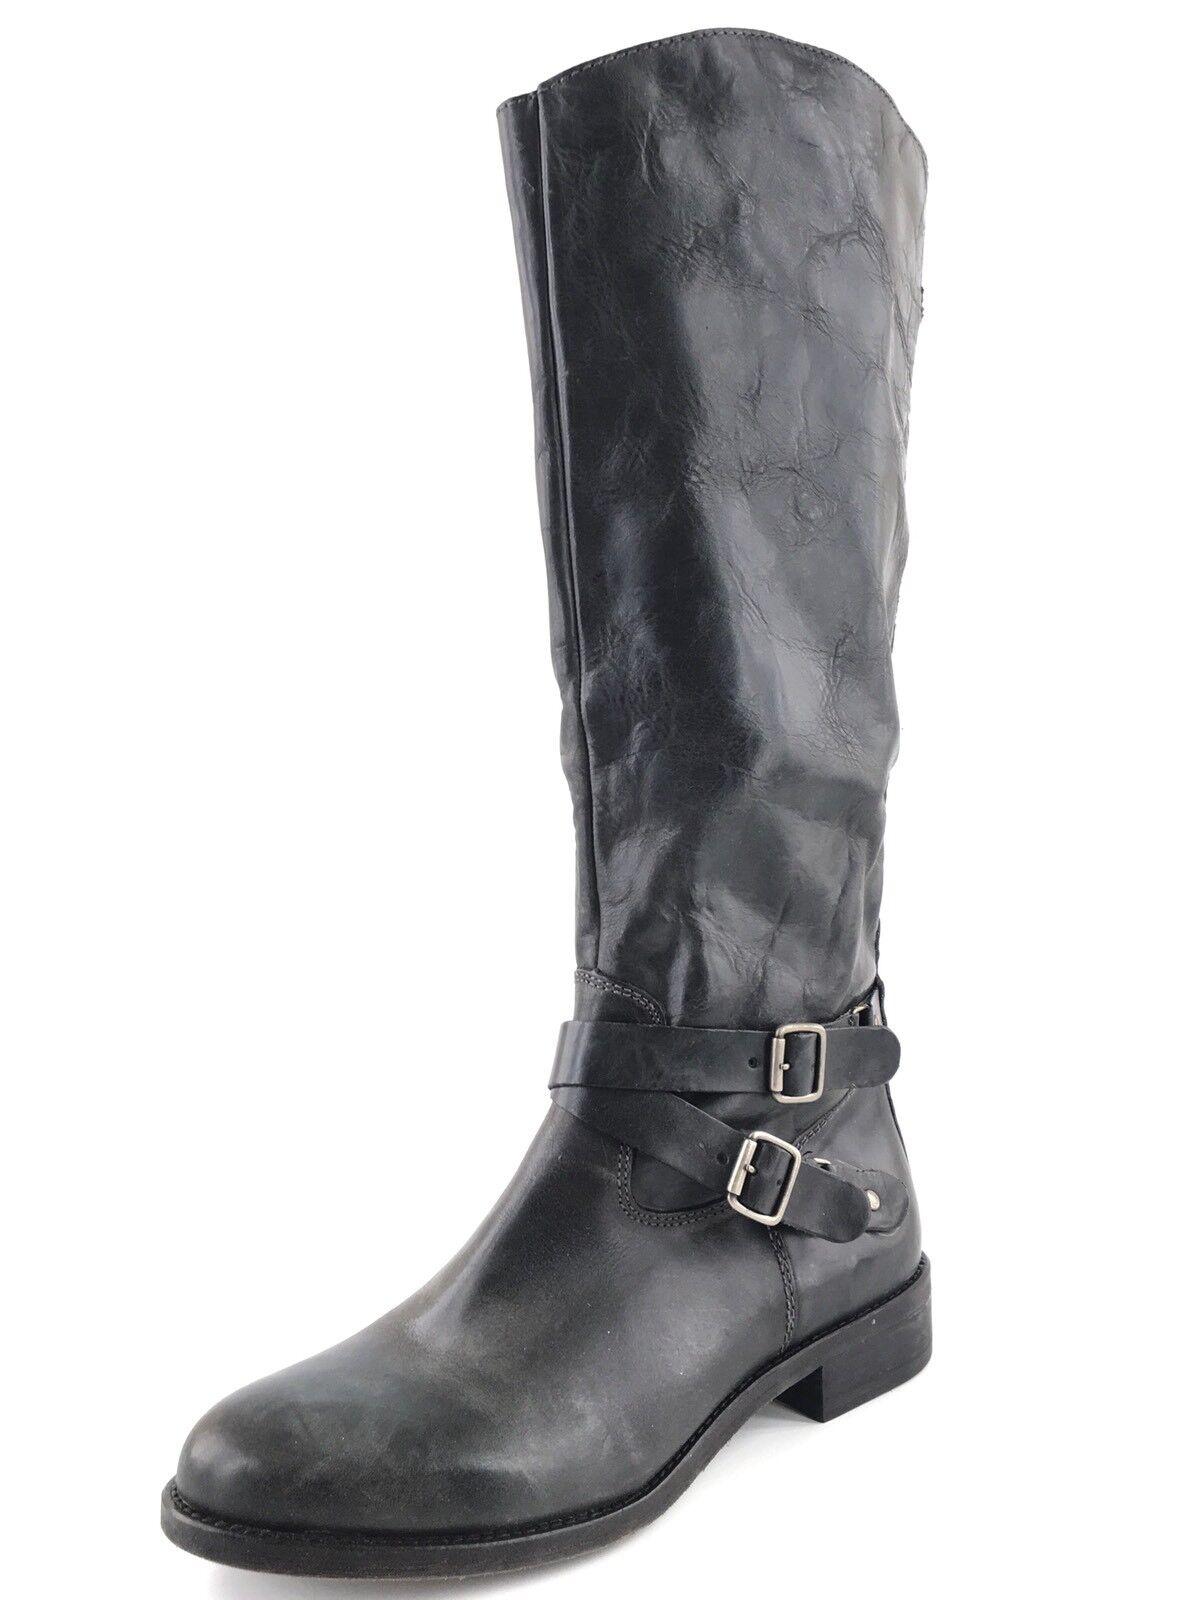 miglior servizio New Hinge nero Distressed Leather Knee High Riding Riding Riding stivali donna's Dimensione 9.5 M   più economico